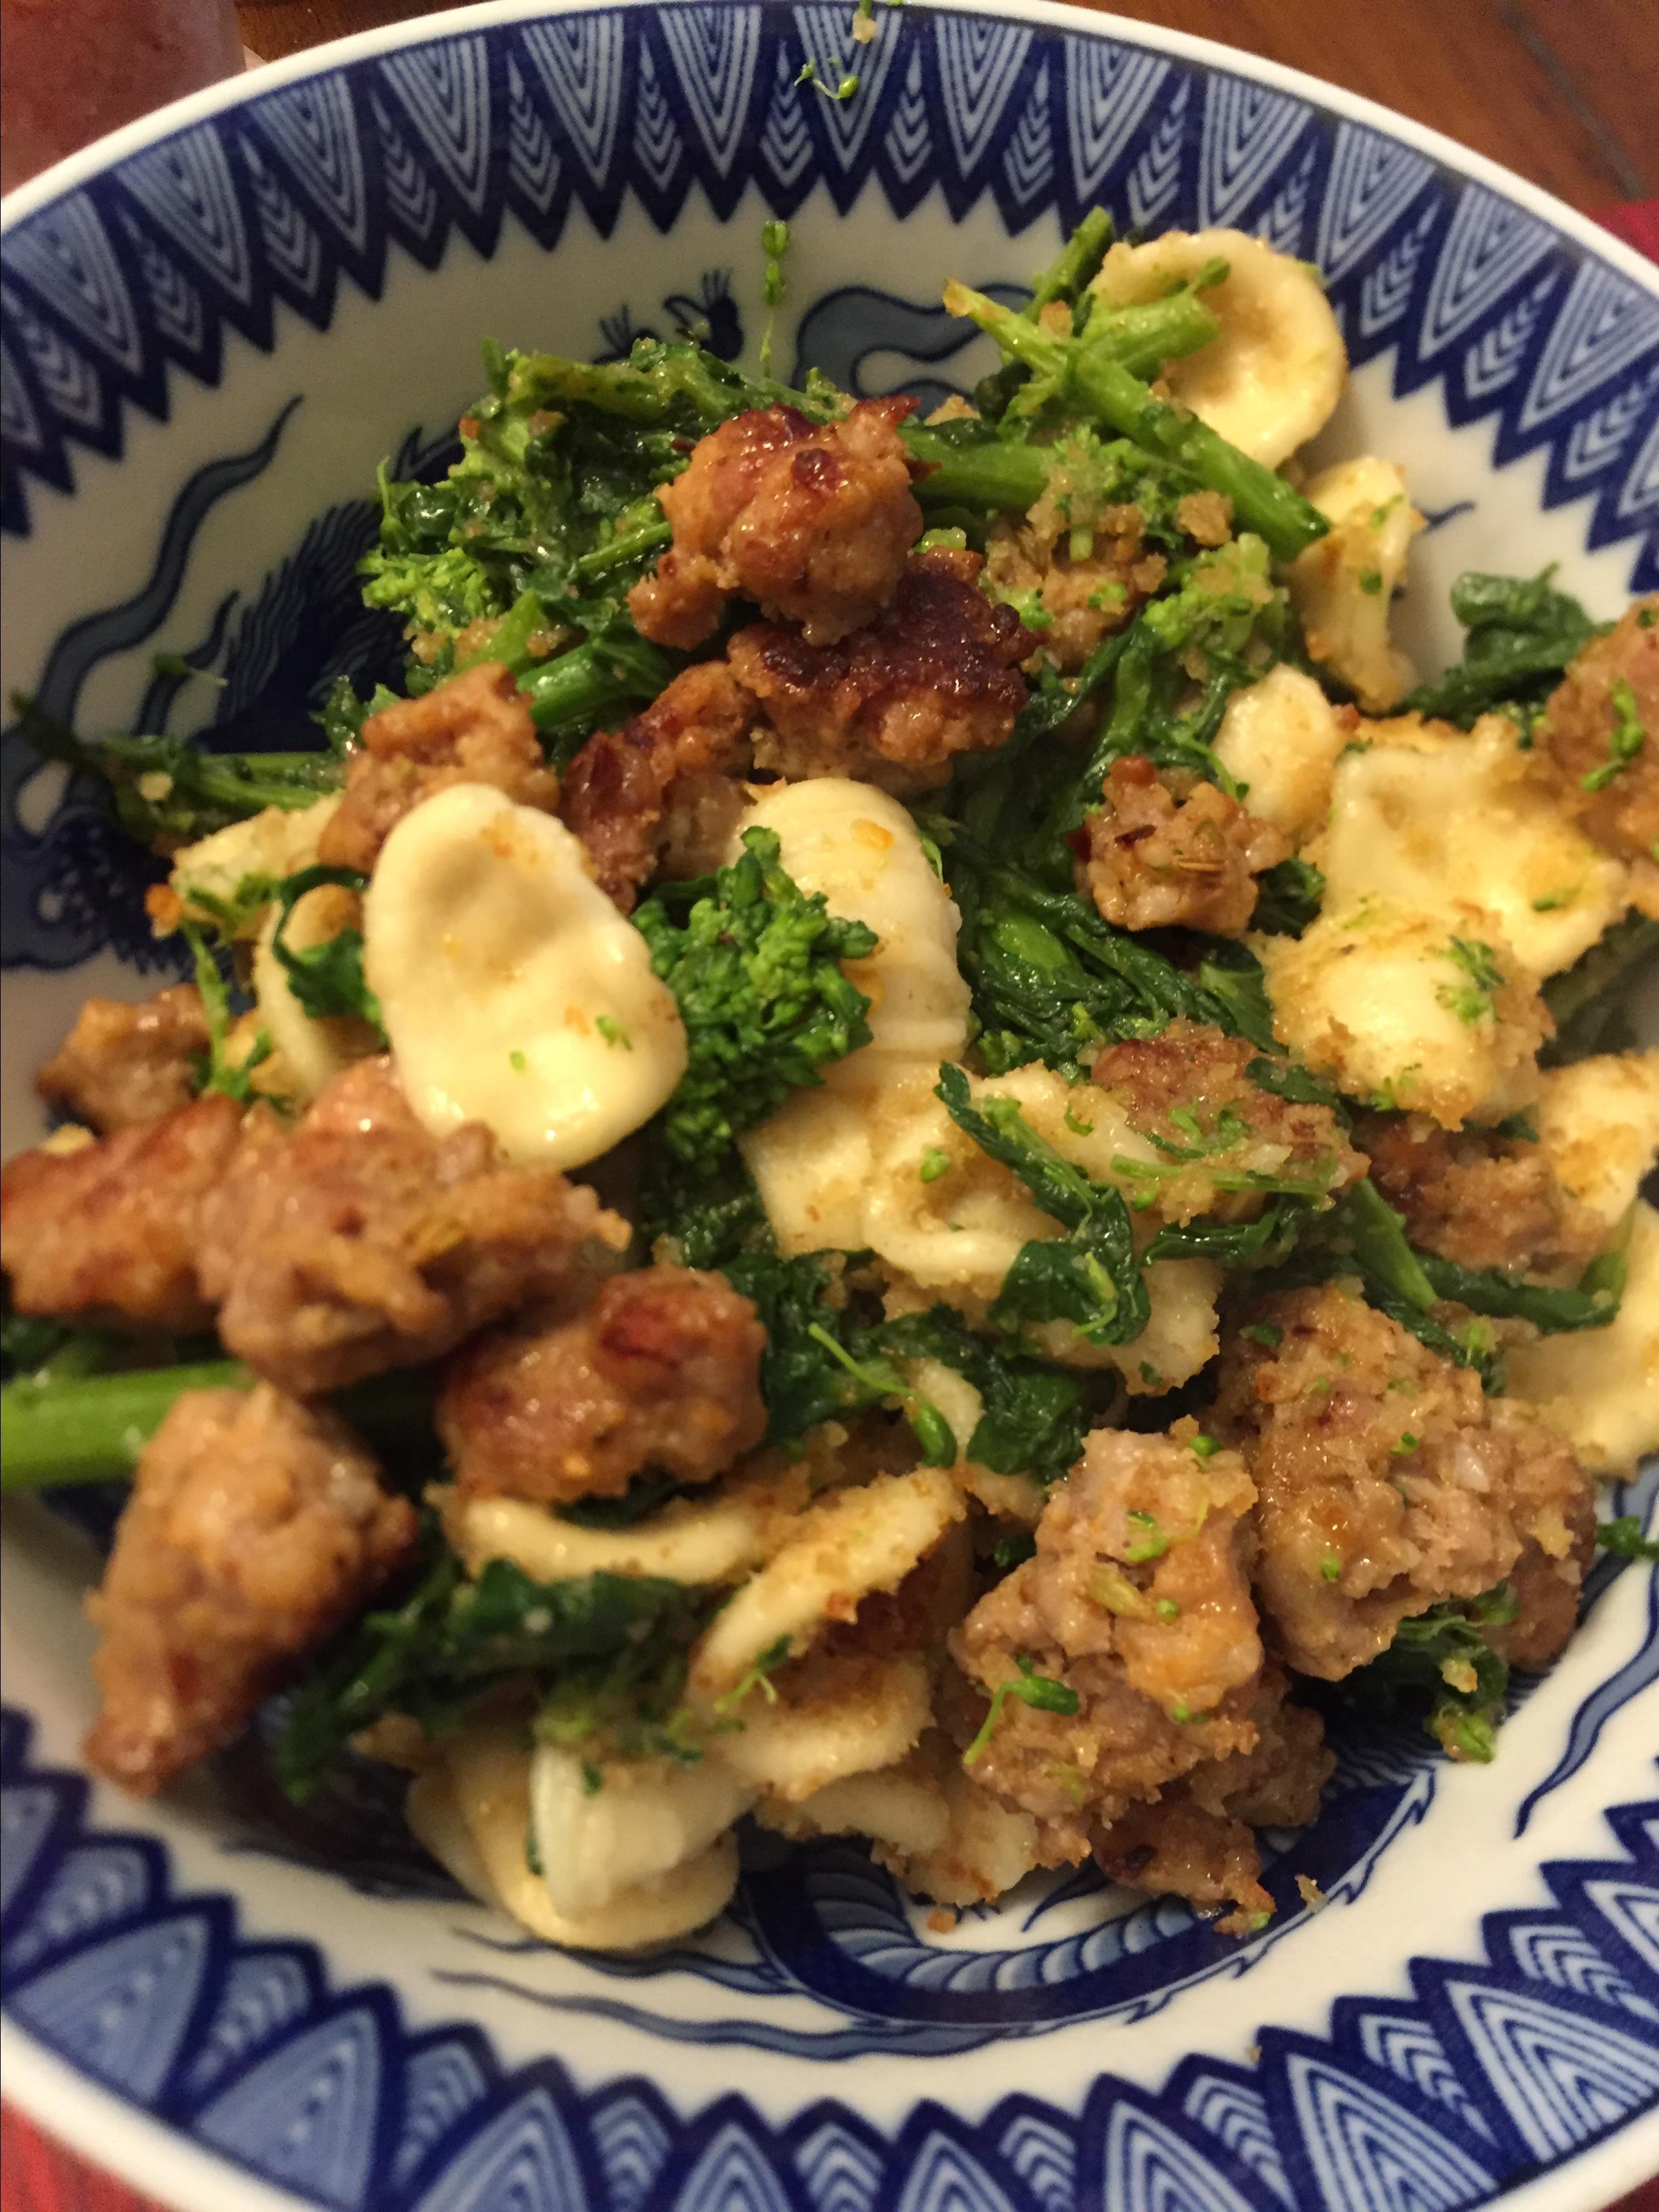 Orecchiette Pasta with Broccoli Rabe, Sausage, and Pecorino Cheese